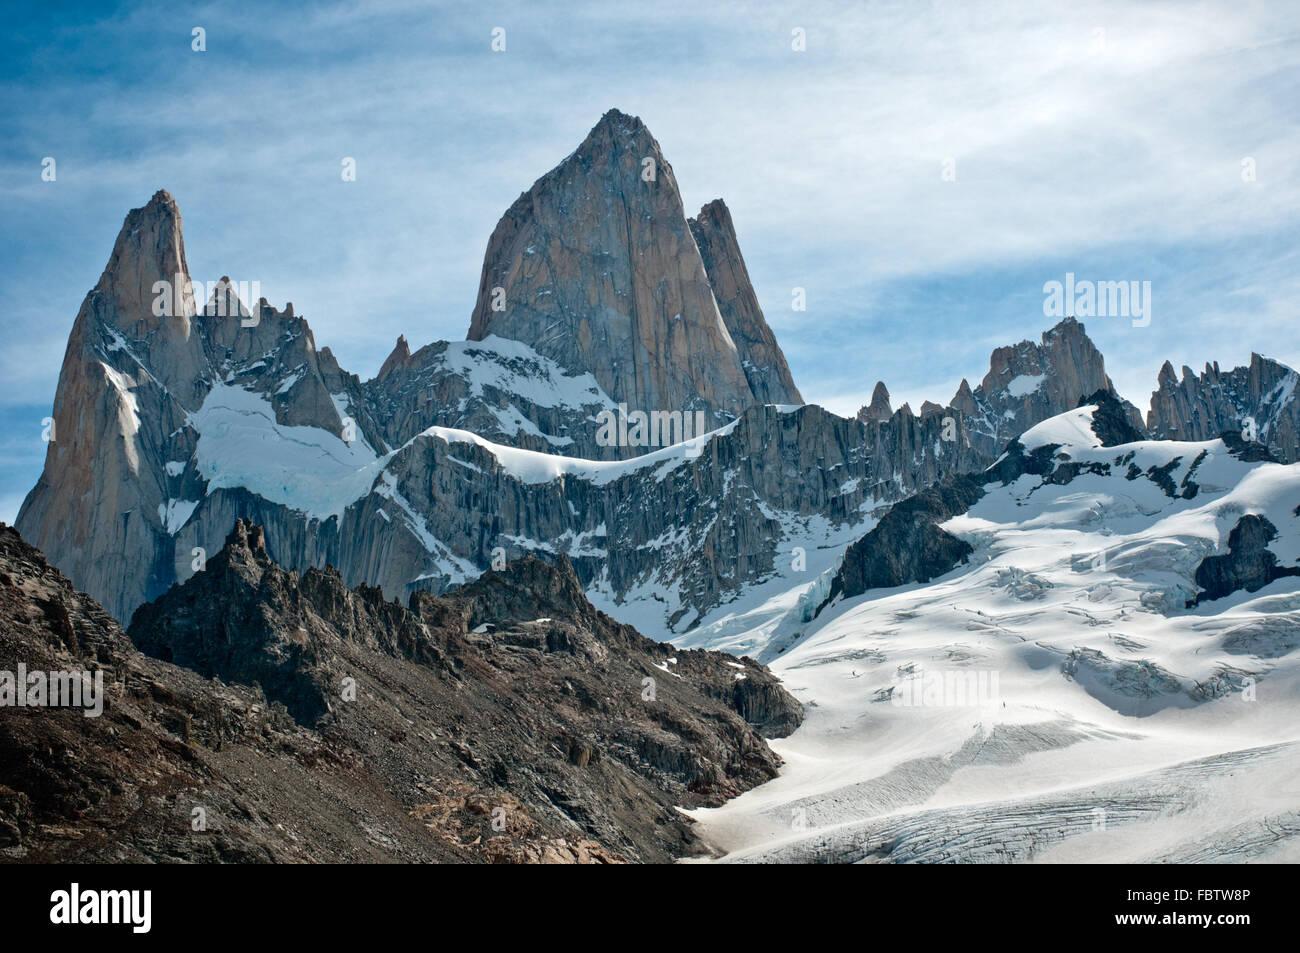 La montagne Fitz Roy et Laguna de los Tres, Patagonie, Argentine Photo Stock